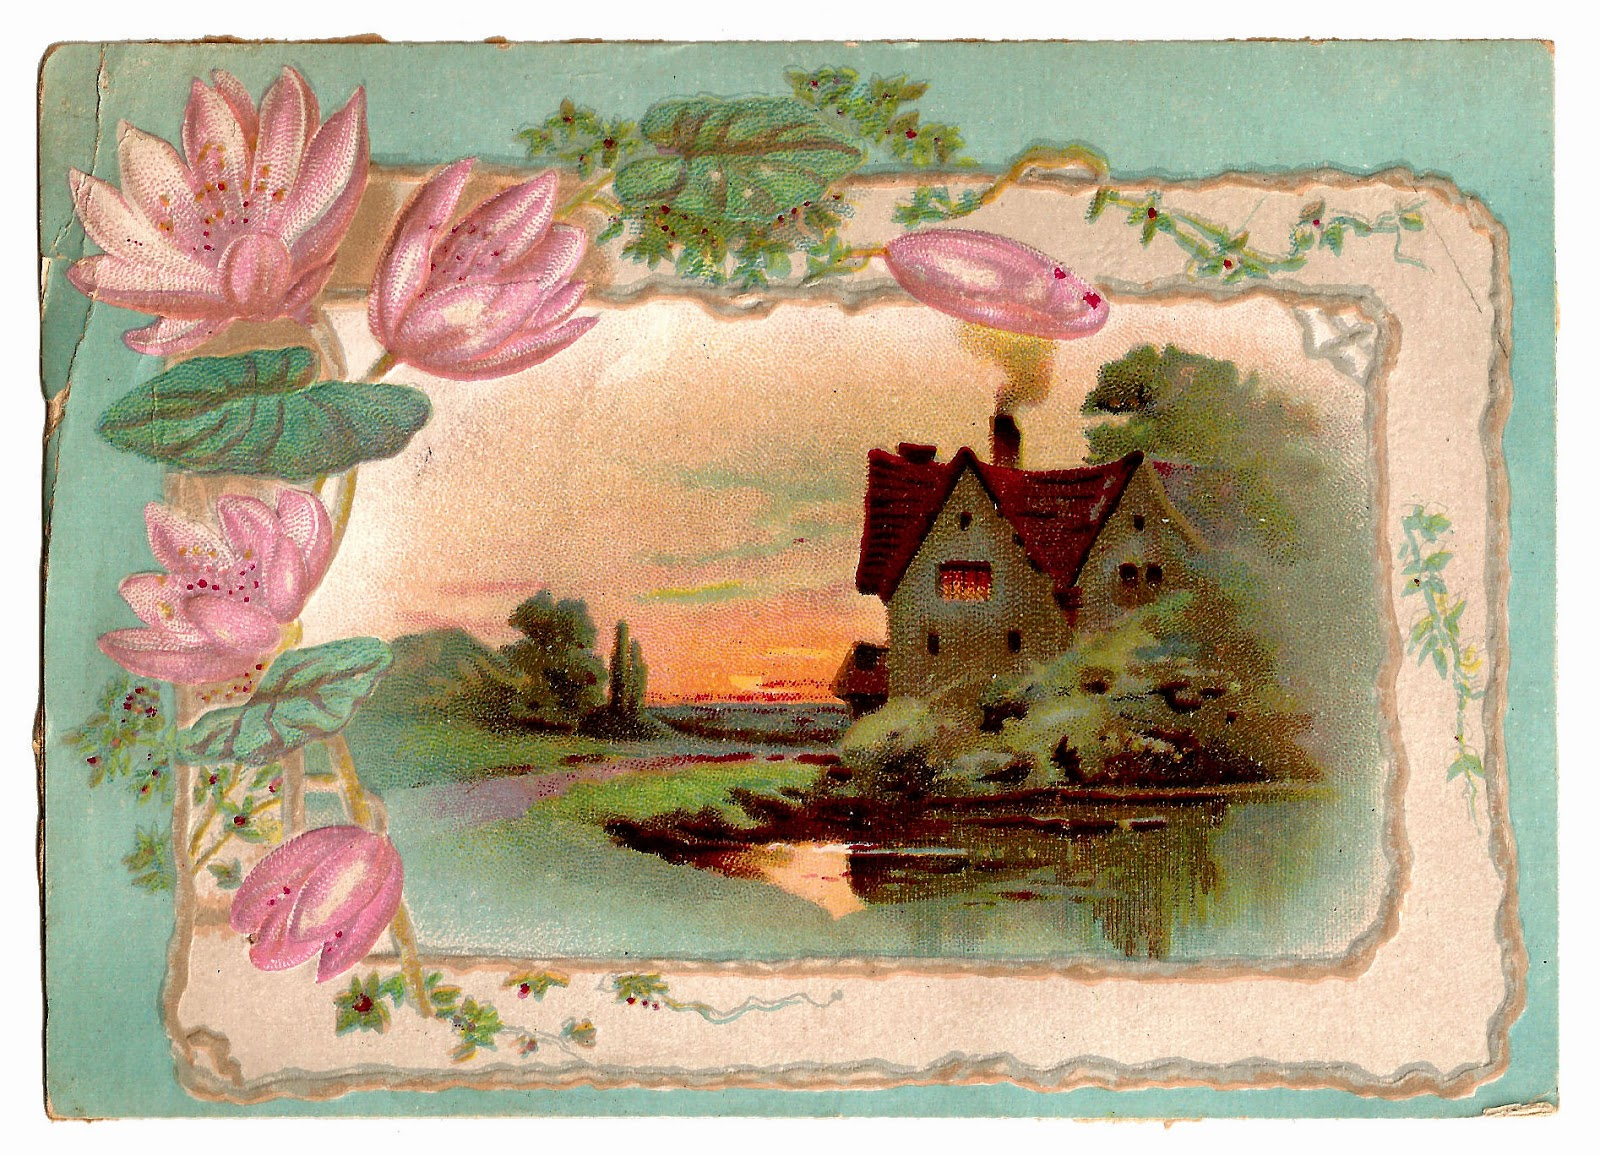 http://4.bp.blogspot.com/-VLhsYCHhhe8/VMKbo6ZJZBI/AAAAAAAAVOY/n7Dvuy1bfn8/s1600/cottage_onwater_pink_lilies-2.jpg